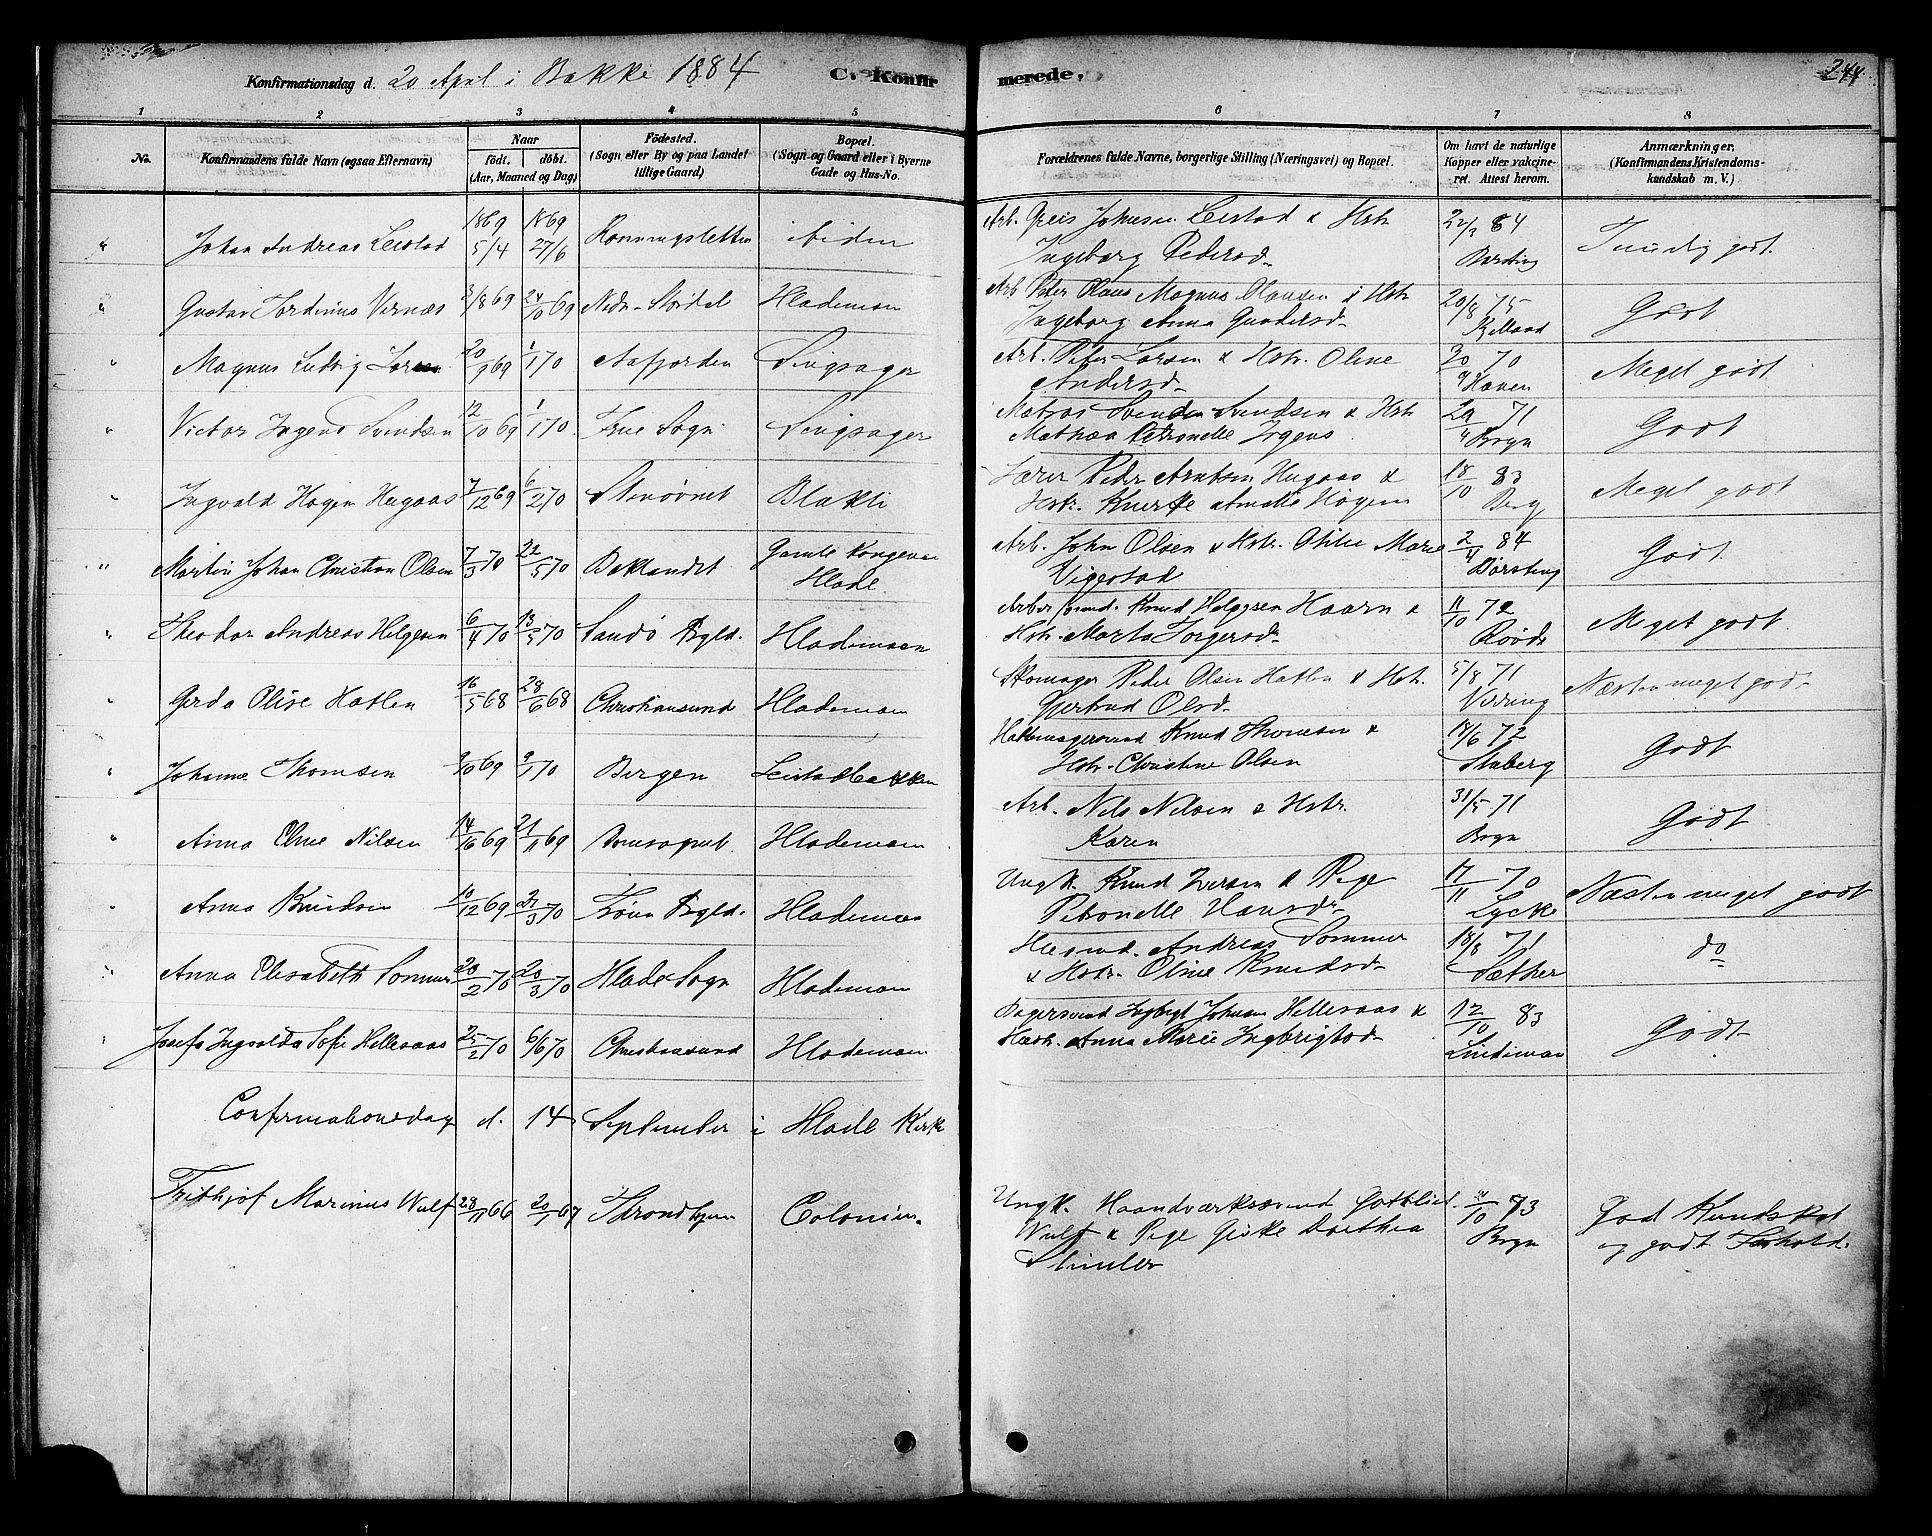 SAT, Ministerialprotokoller, klokkerbøker og fødselsregistre - Sør-Trøndelag, 606/L0294: Ministerialbok nr. 606A09, 1878-1886, s. 244